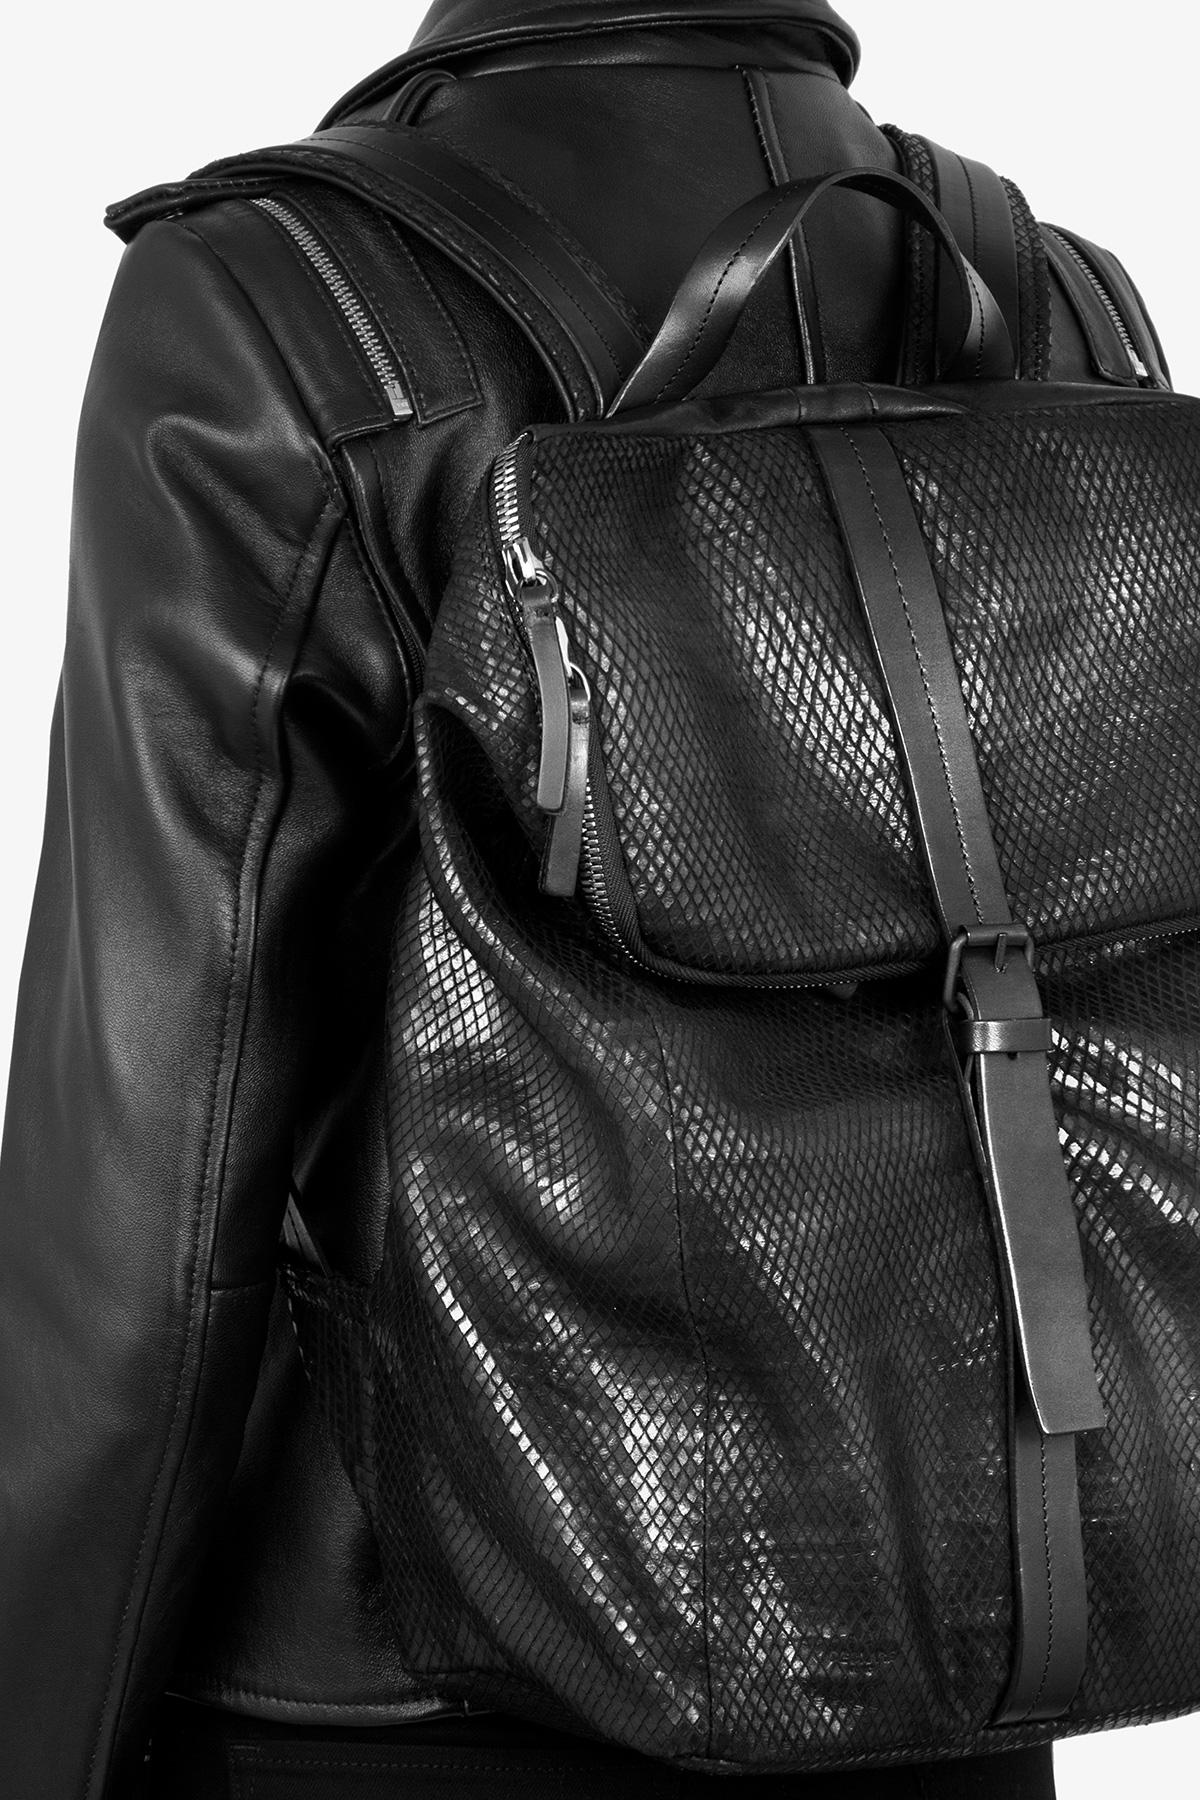 dclr011-backpack-backsnake-have-on